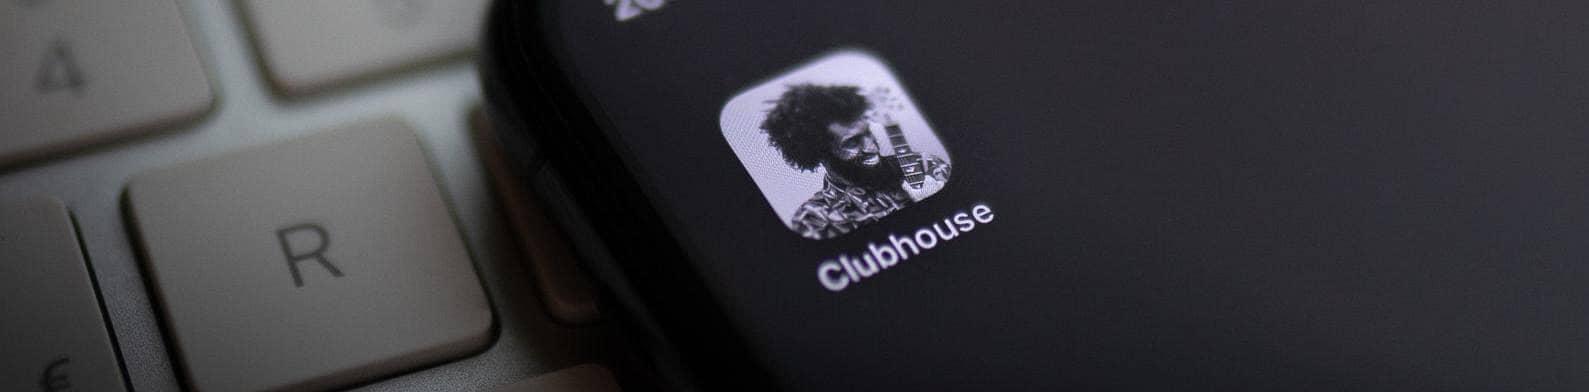 Как поставить clubhouse на андроид: рабочие способы